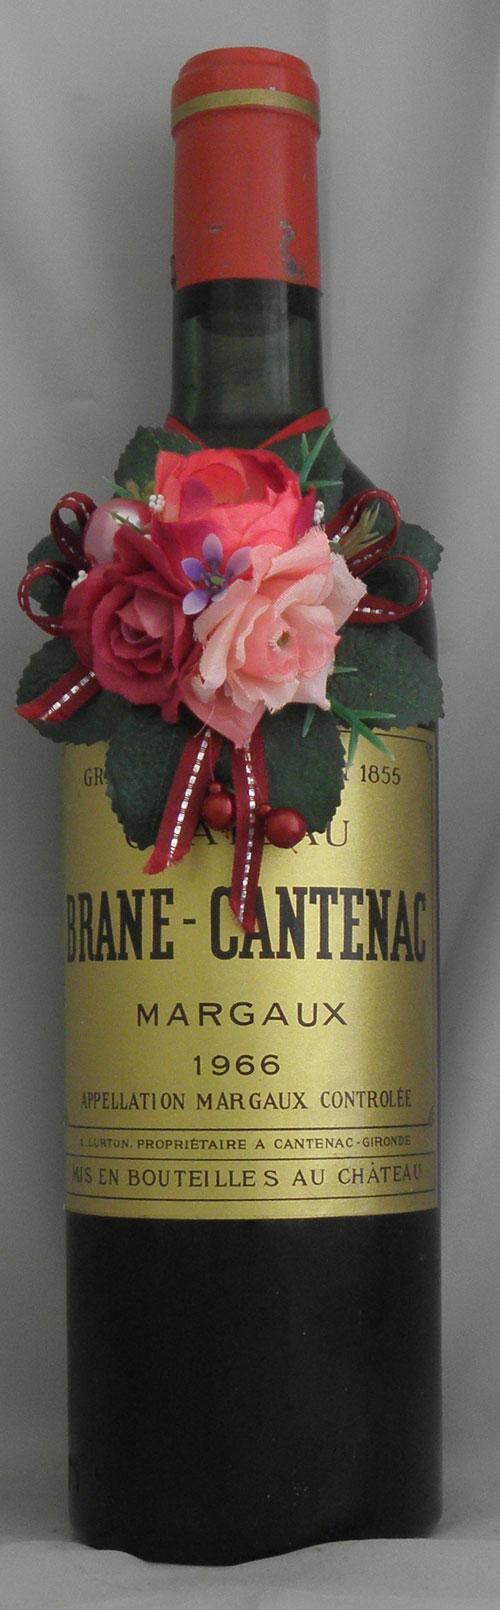 1966年 シャトー ブラーヌ カントナック (フランス 赤ワイン)